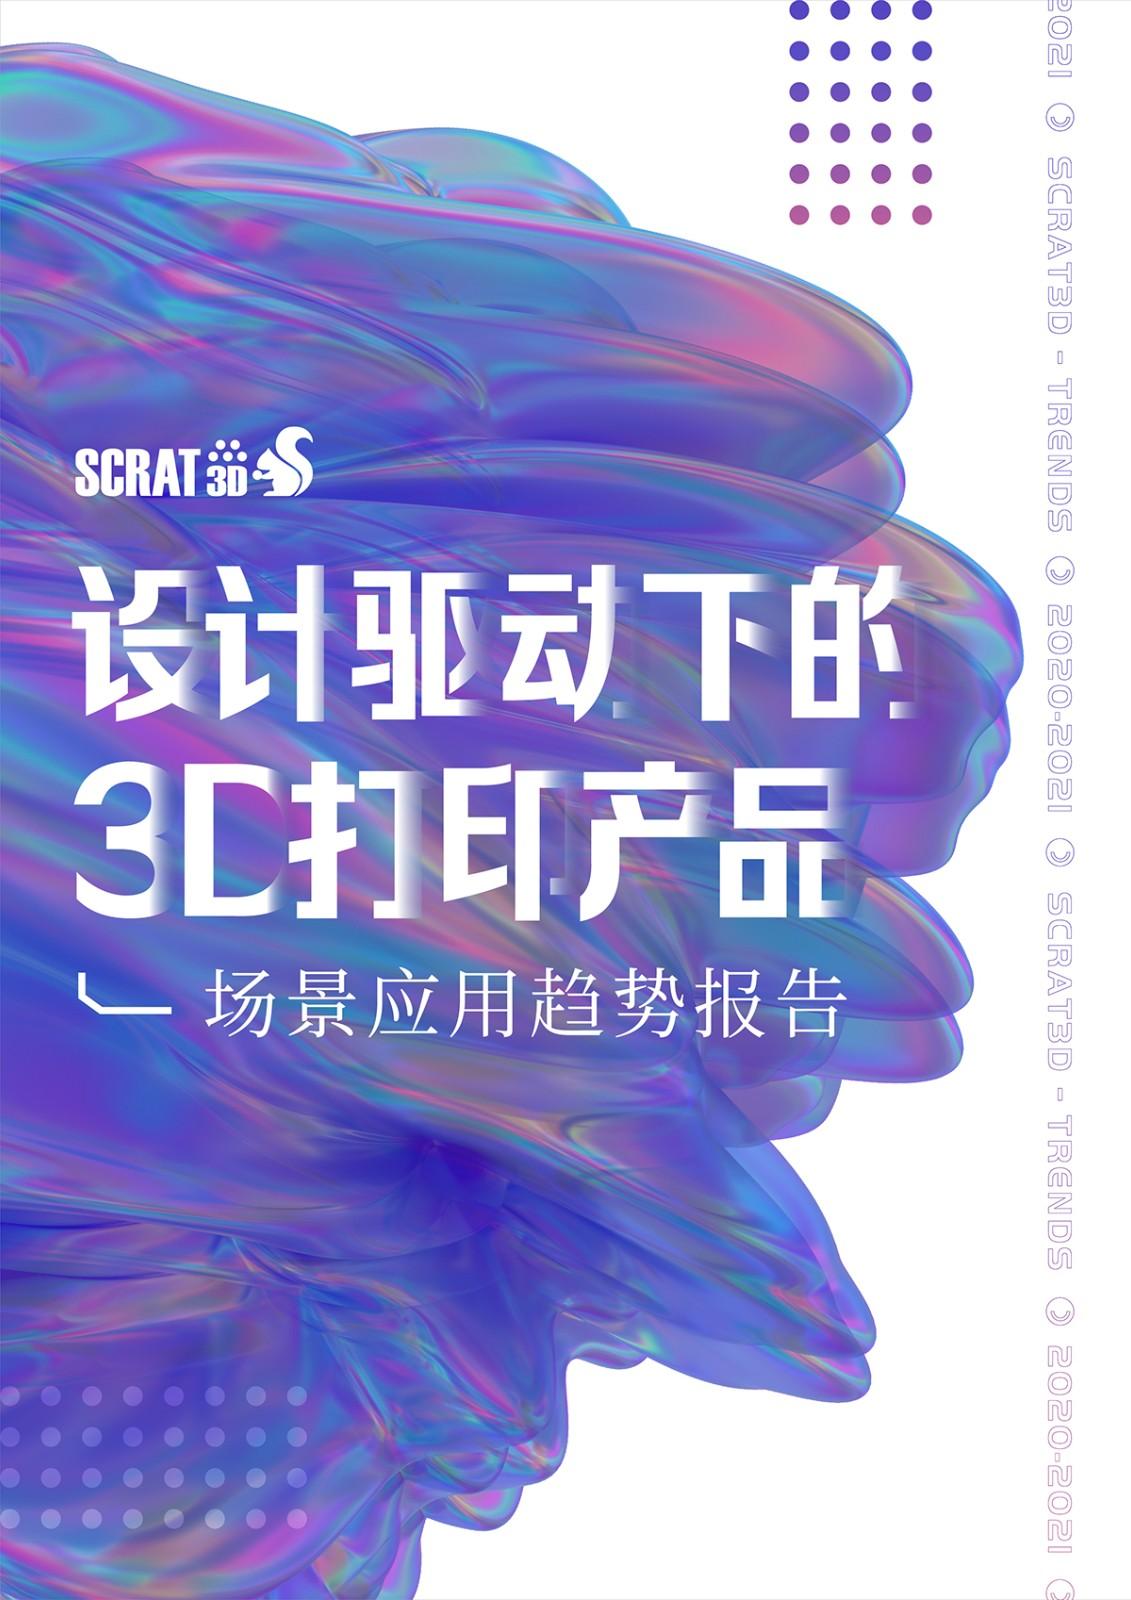 SCRAT3D 報告提前預售 - 預見 2021 | 新趨勢: 3D 打印正在加速產業變革,提升創意新高度!